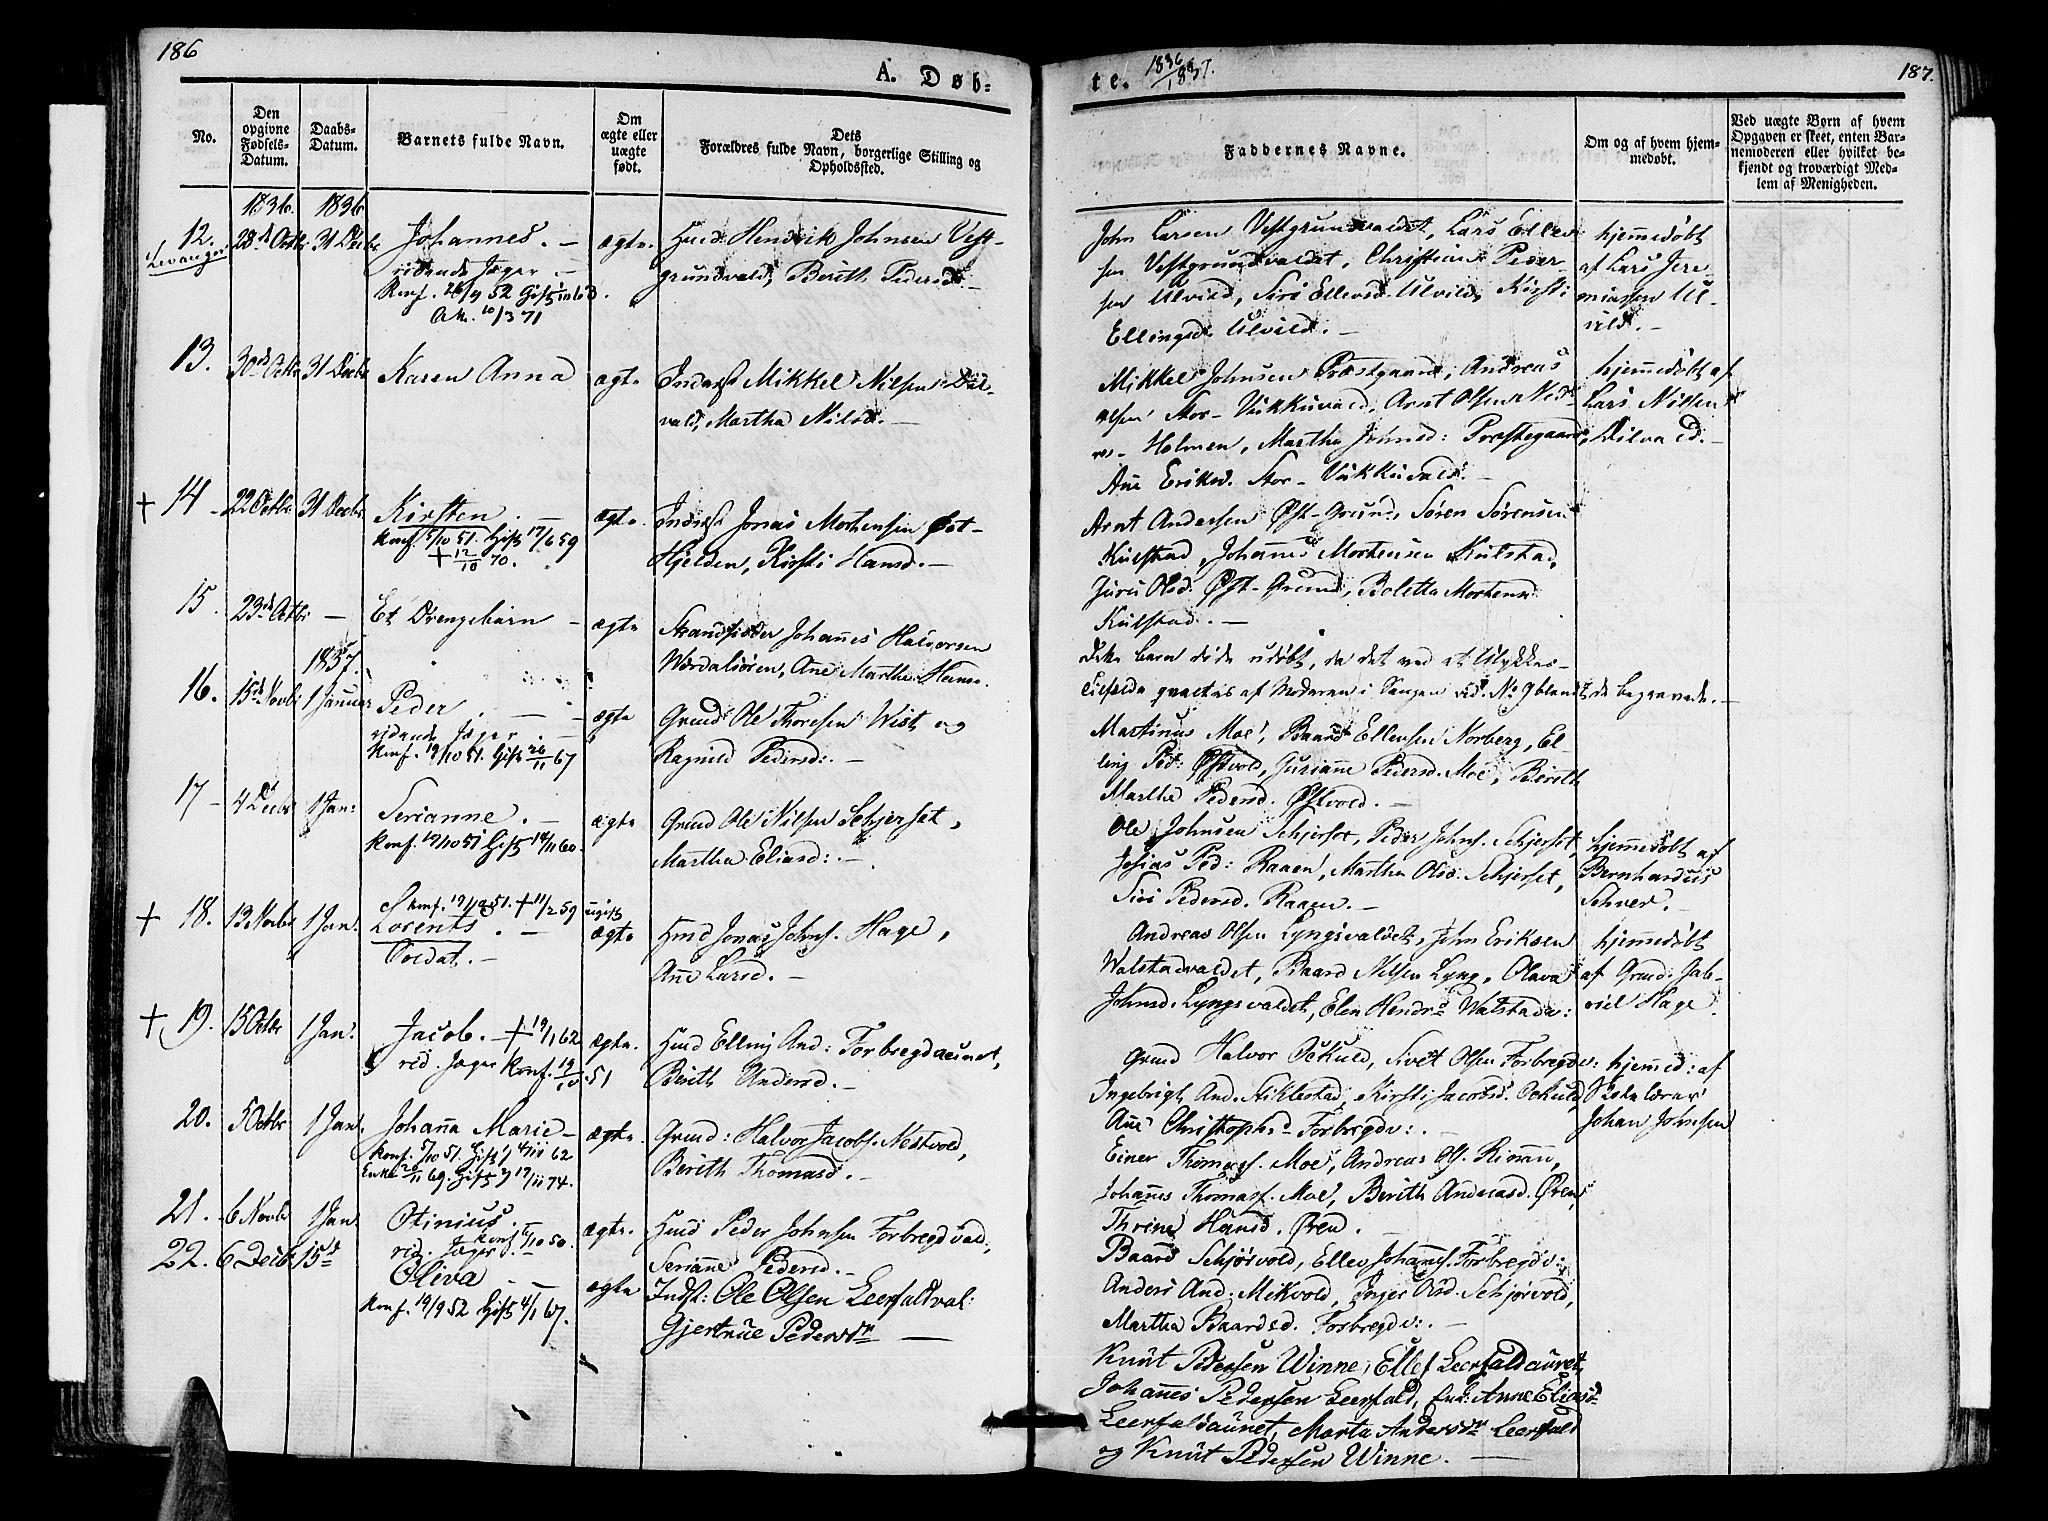 SAT, Ministerialprotokoller, klokkerbøker og fødselsregistre - Nord-Trøndelag, 723/L0238: Ministerialbok nr. 723A07, 1831-1840, s. 186-187